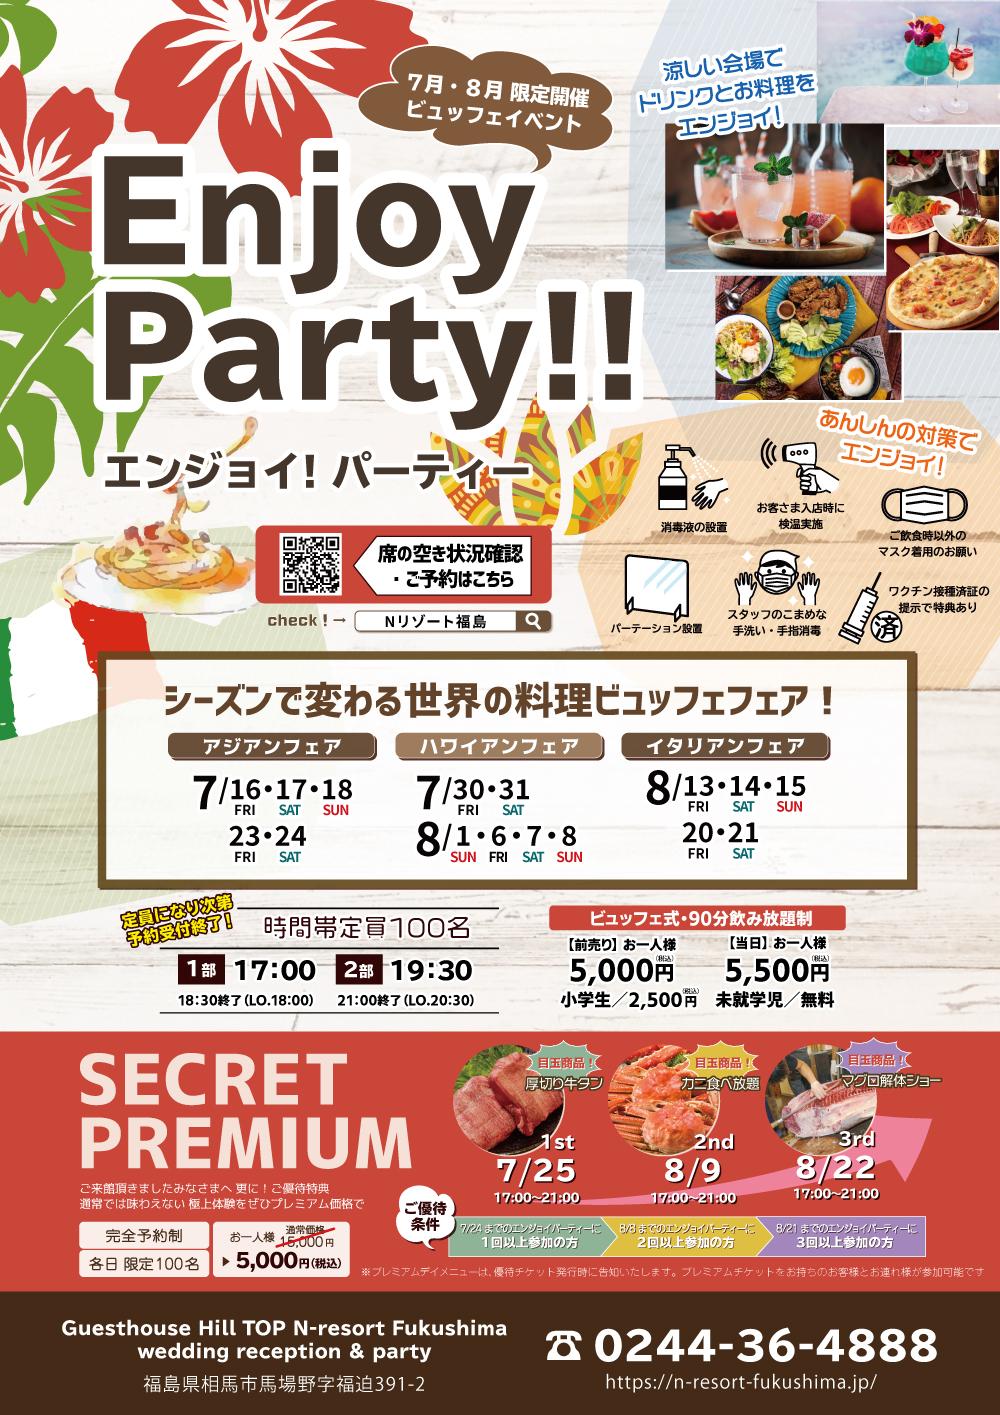 【夏のビュッフェフェア!】エンジョイパーティー開催!【福島】